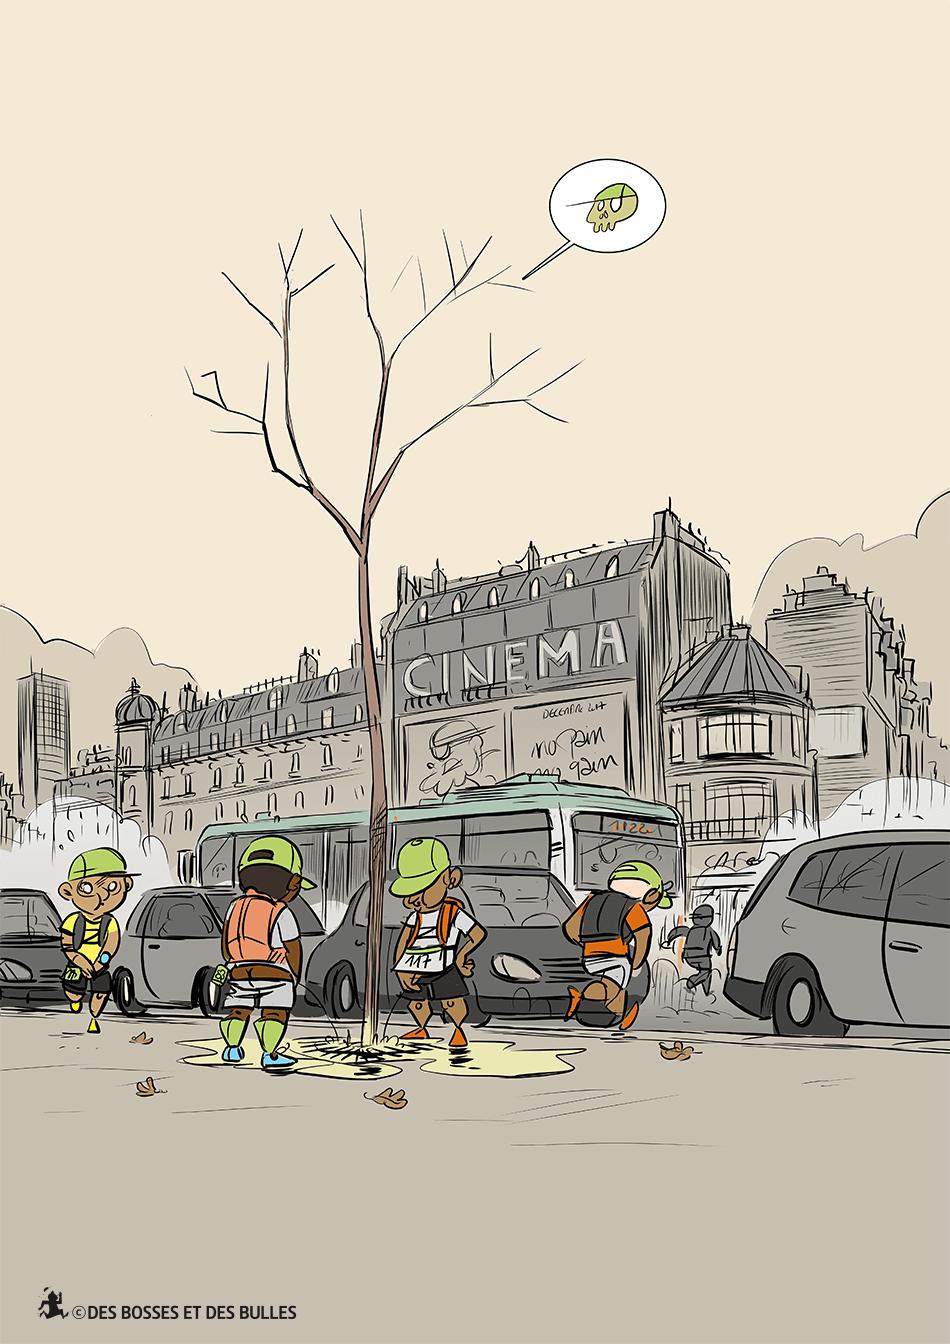 des bosses et des bulles - Chienne de vie